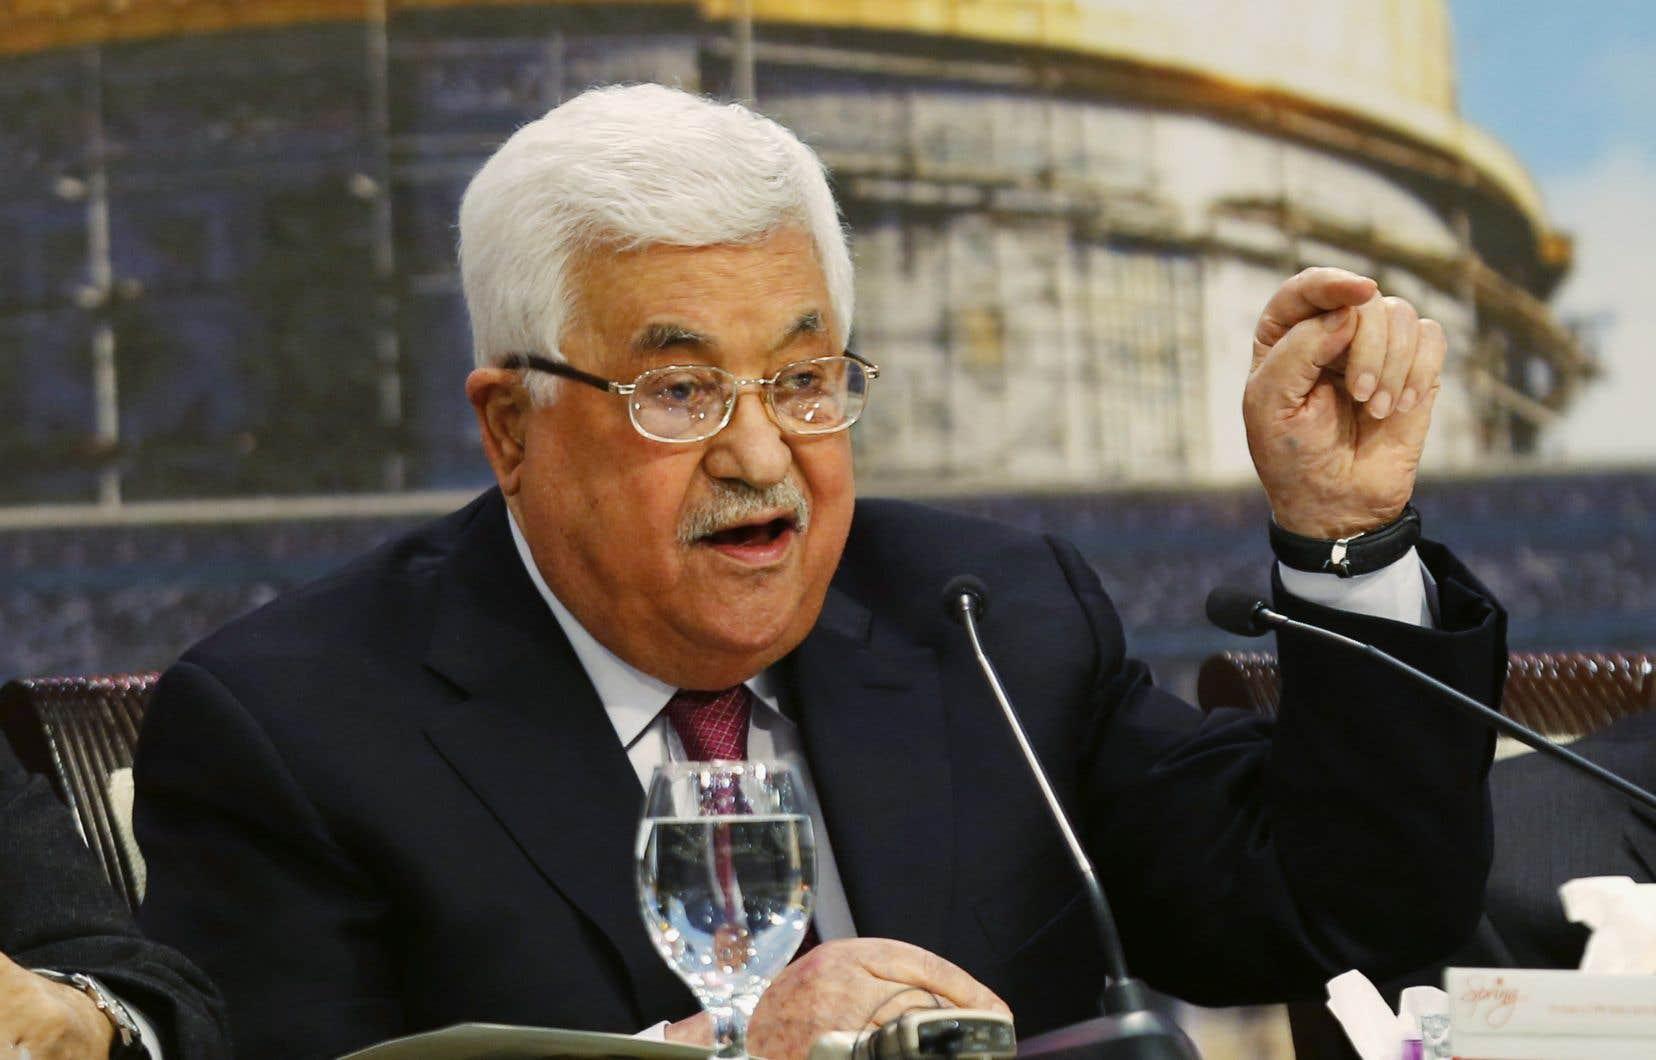 Mahmoud Abbas a laissé entendre lundi soir que les massacres perpétrés contre les juifs d'Europe au cours de l'Histoire étaient moins dus à l'antisémitisme qu'à leur rôle dans la société.